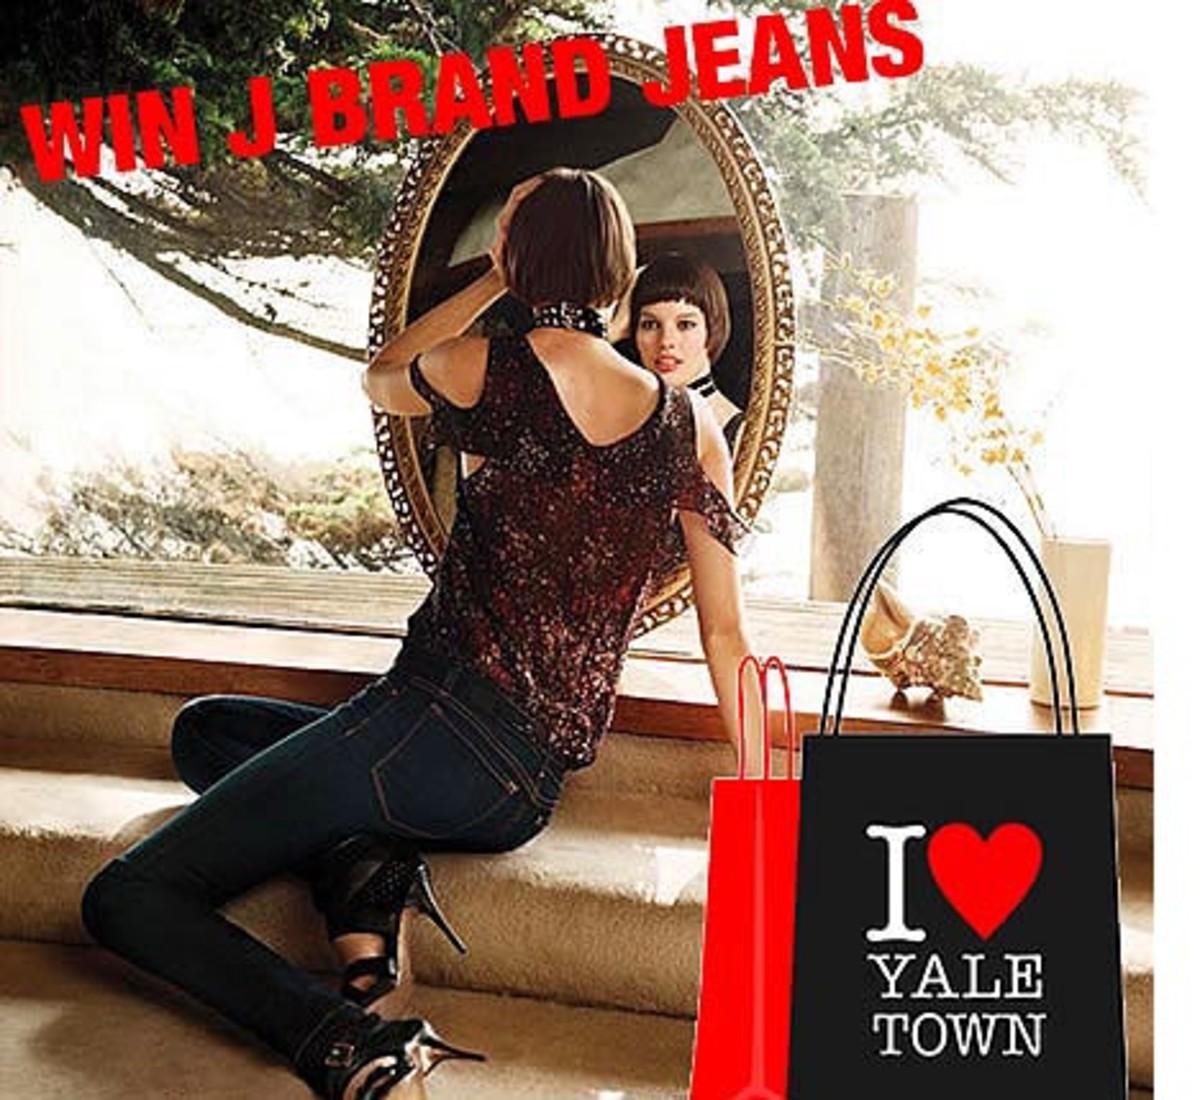 YaletownJBrandJeans